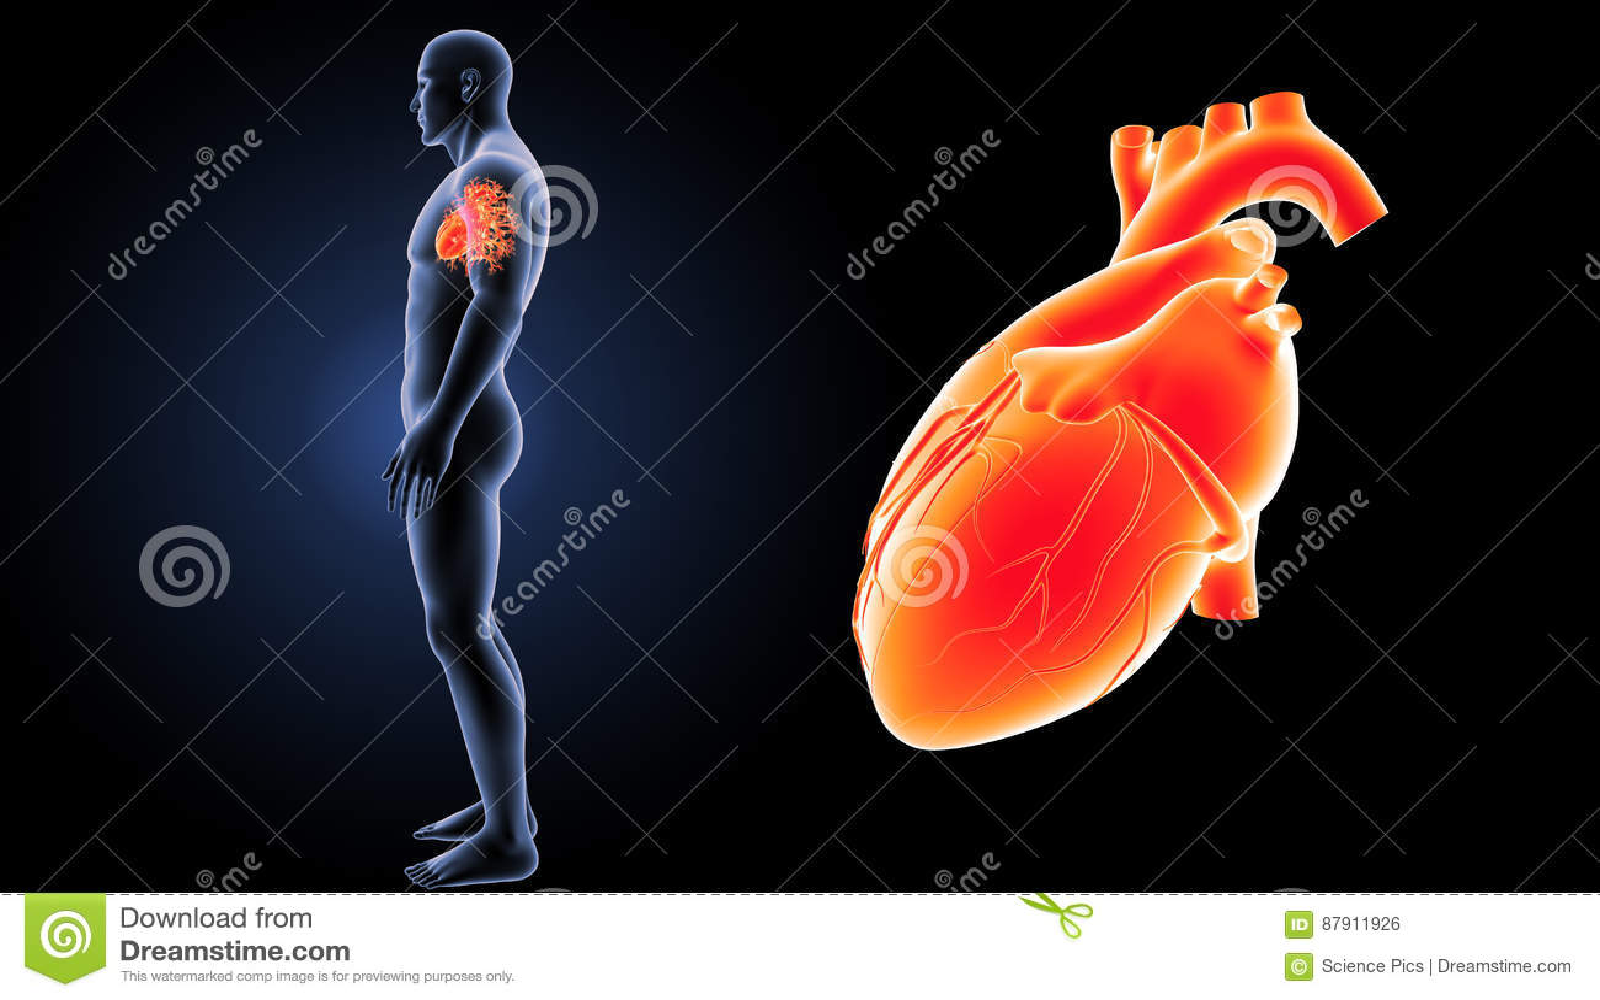 Menschlicher Herzzoom Mit Körperseitenansicht Stockfoto - Bild von ...